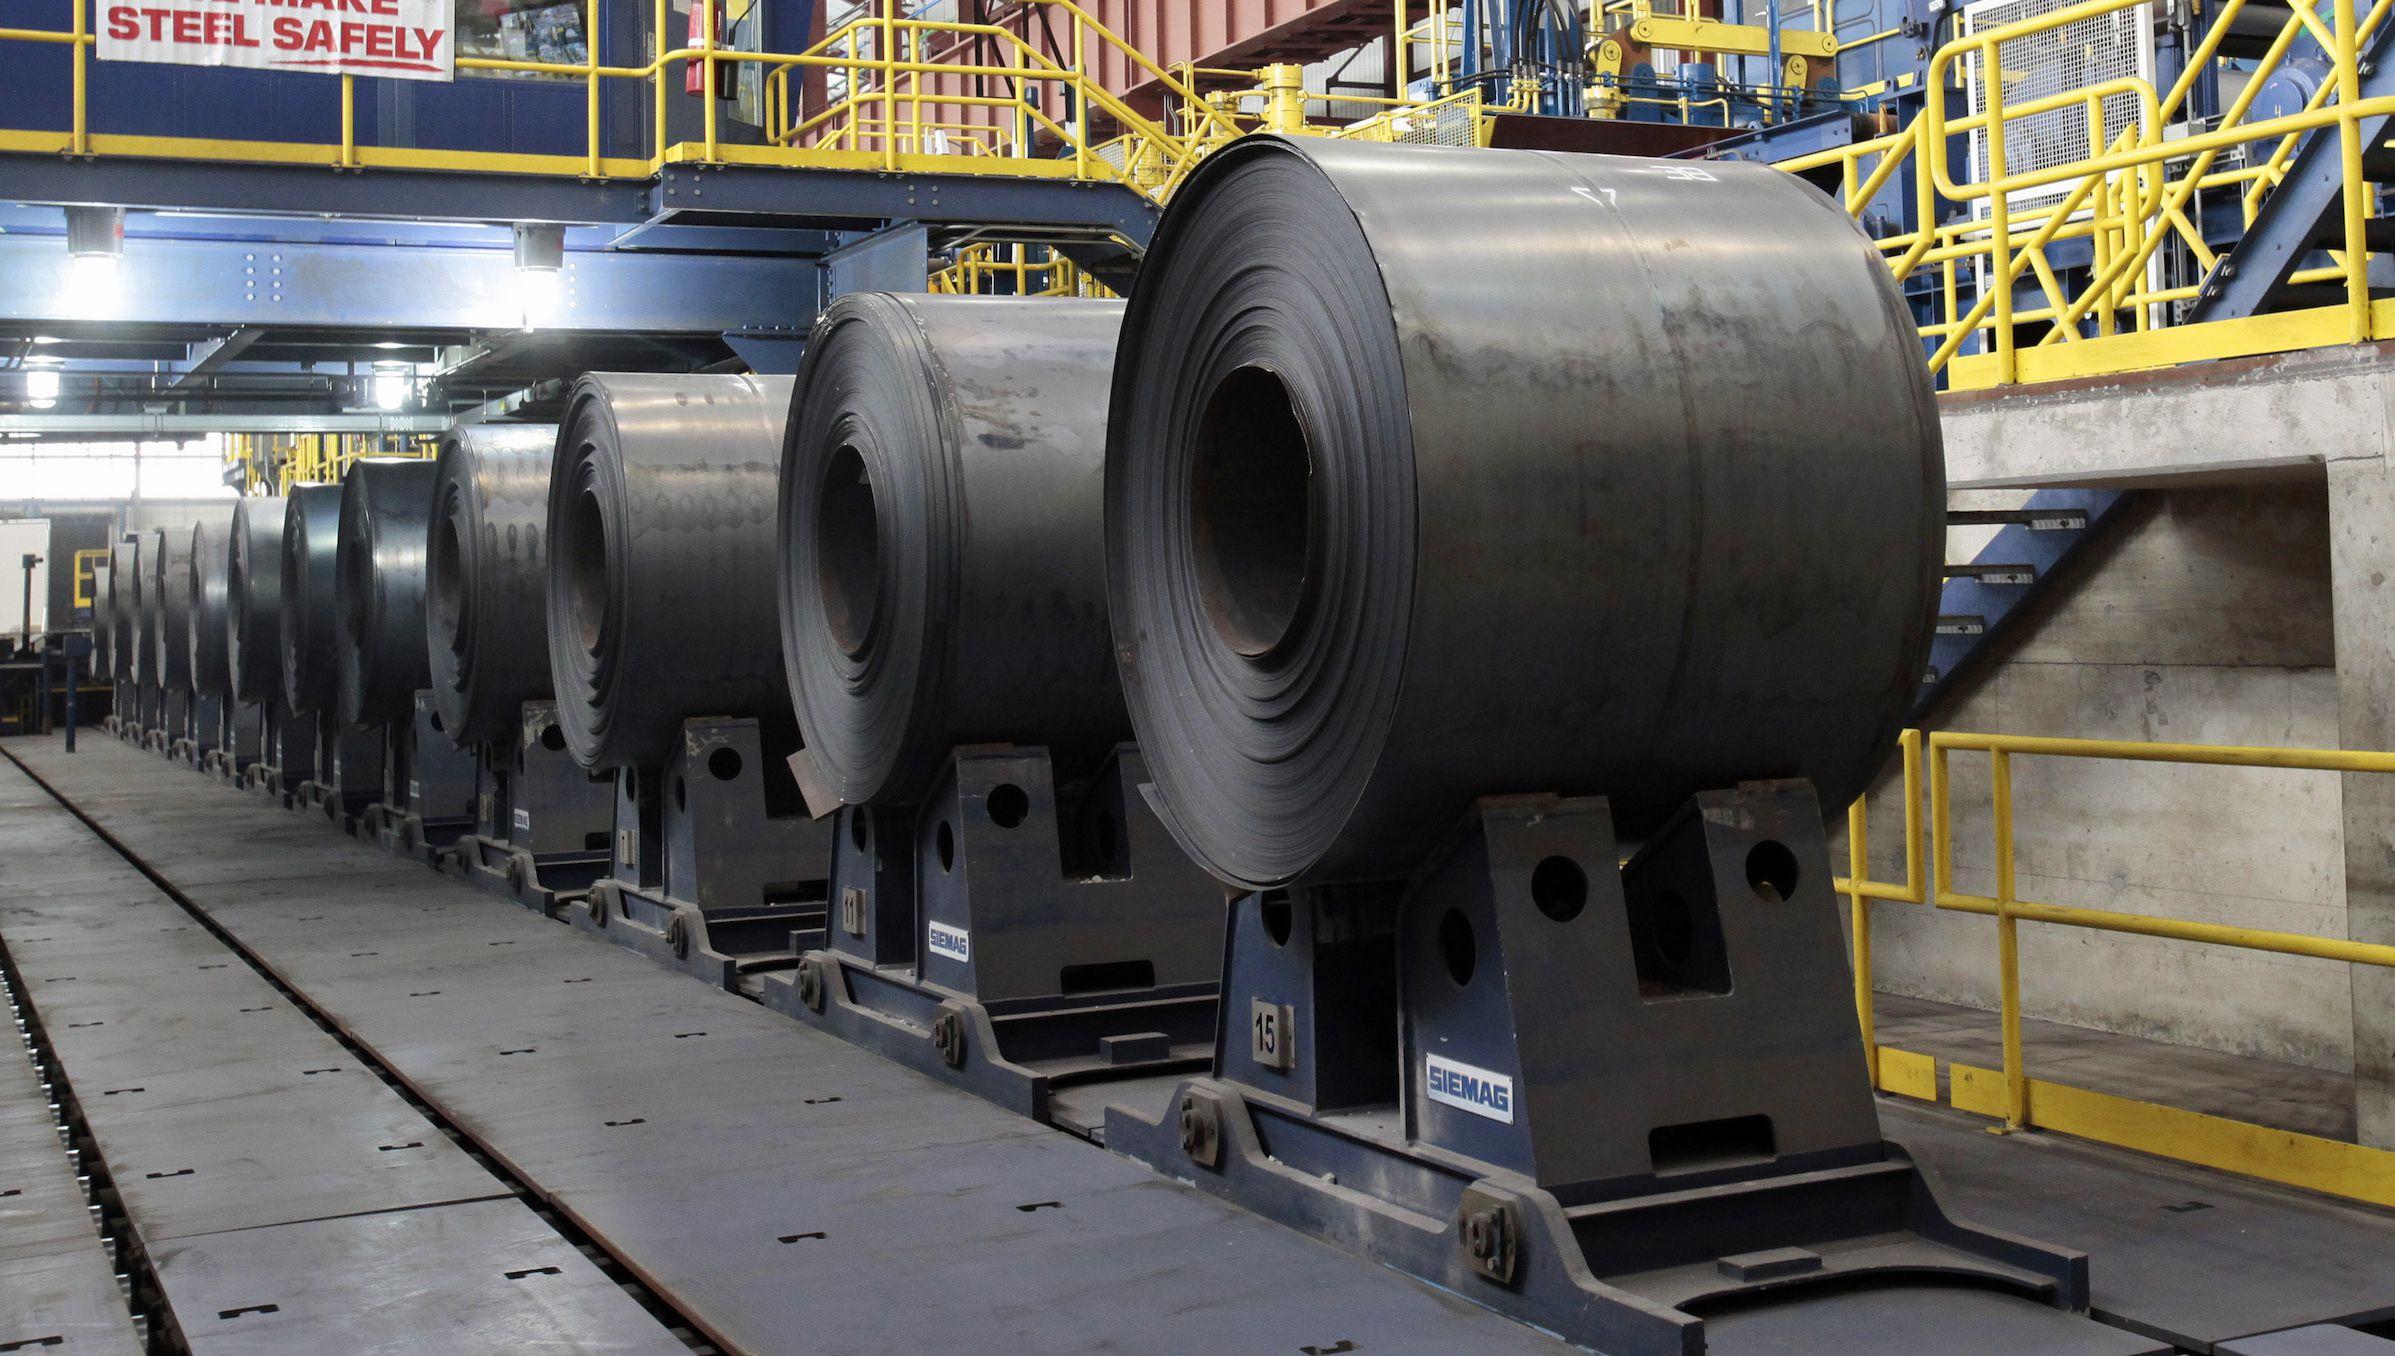 «Северсталь» ожидает роста стального спроса на 3-4%